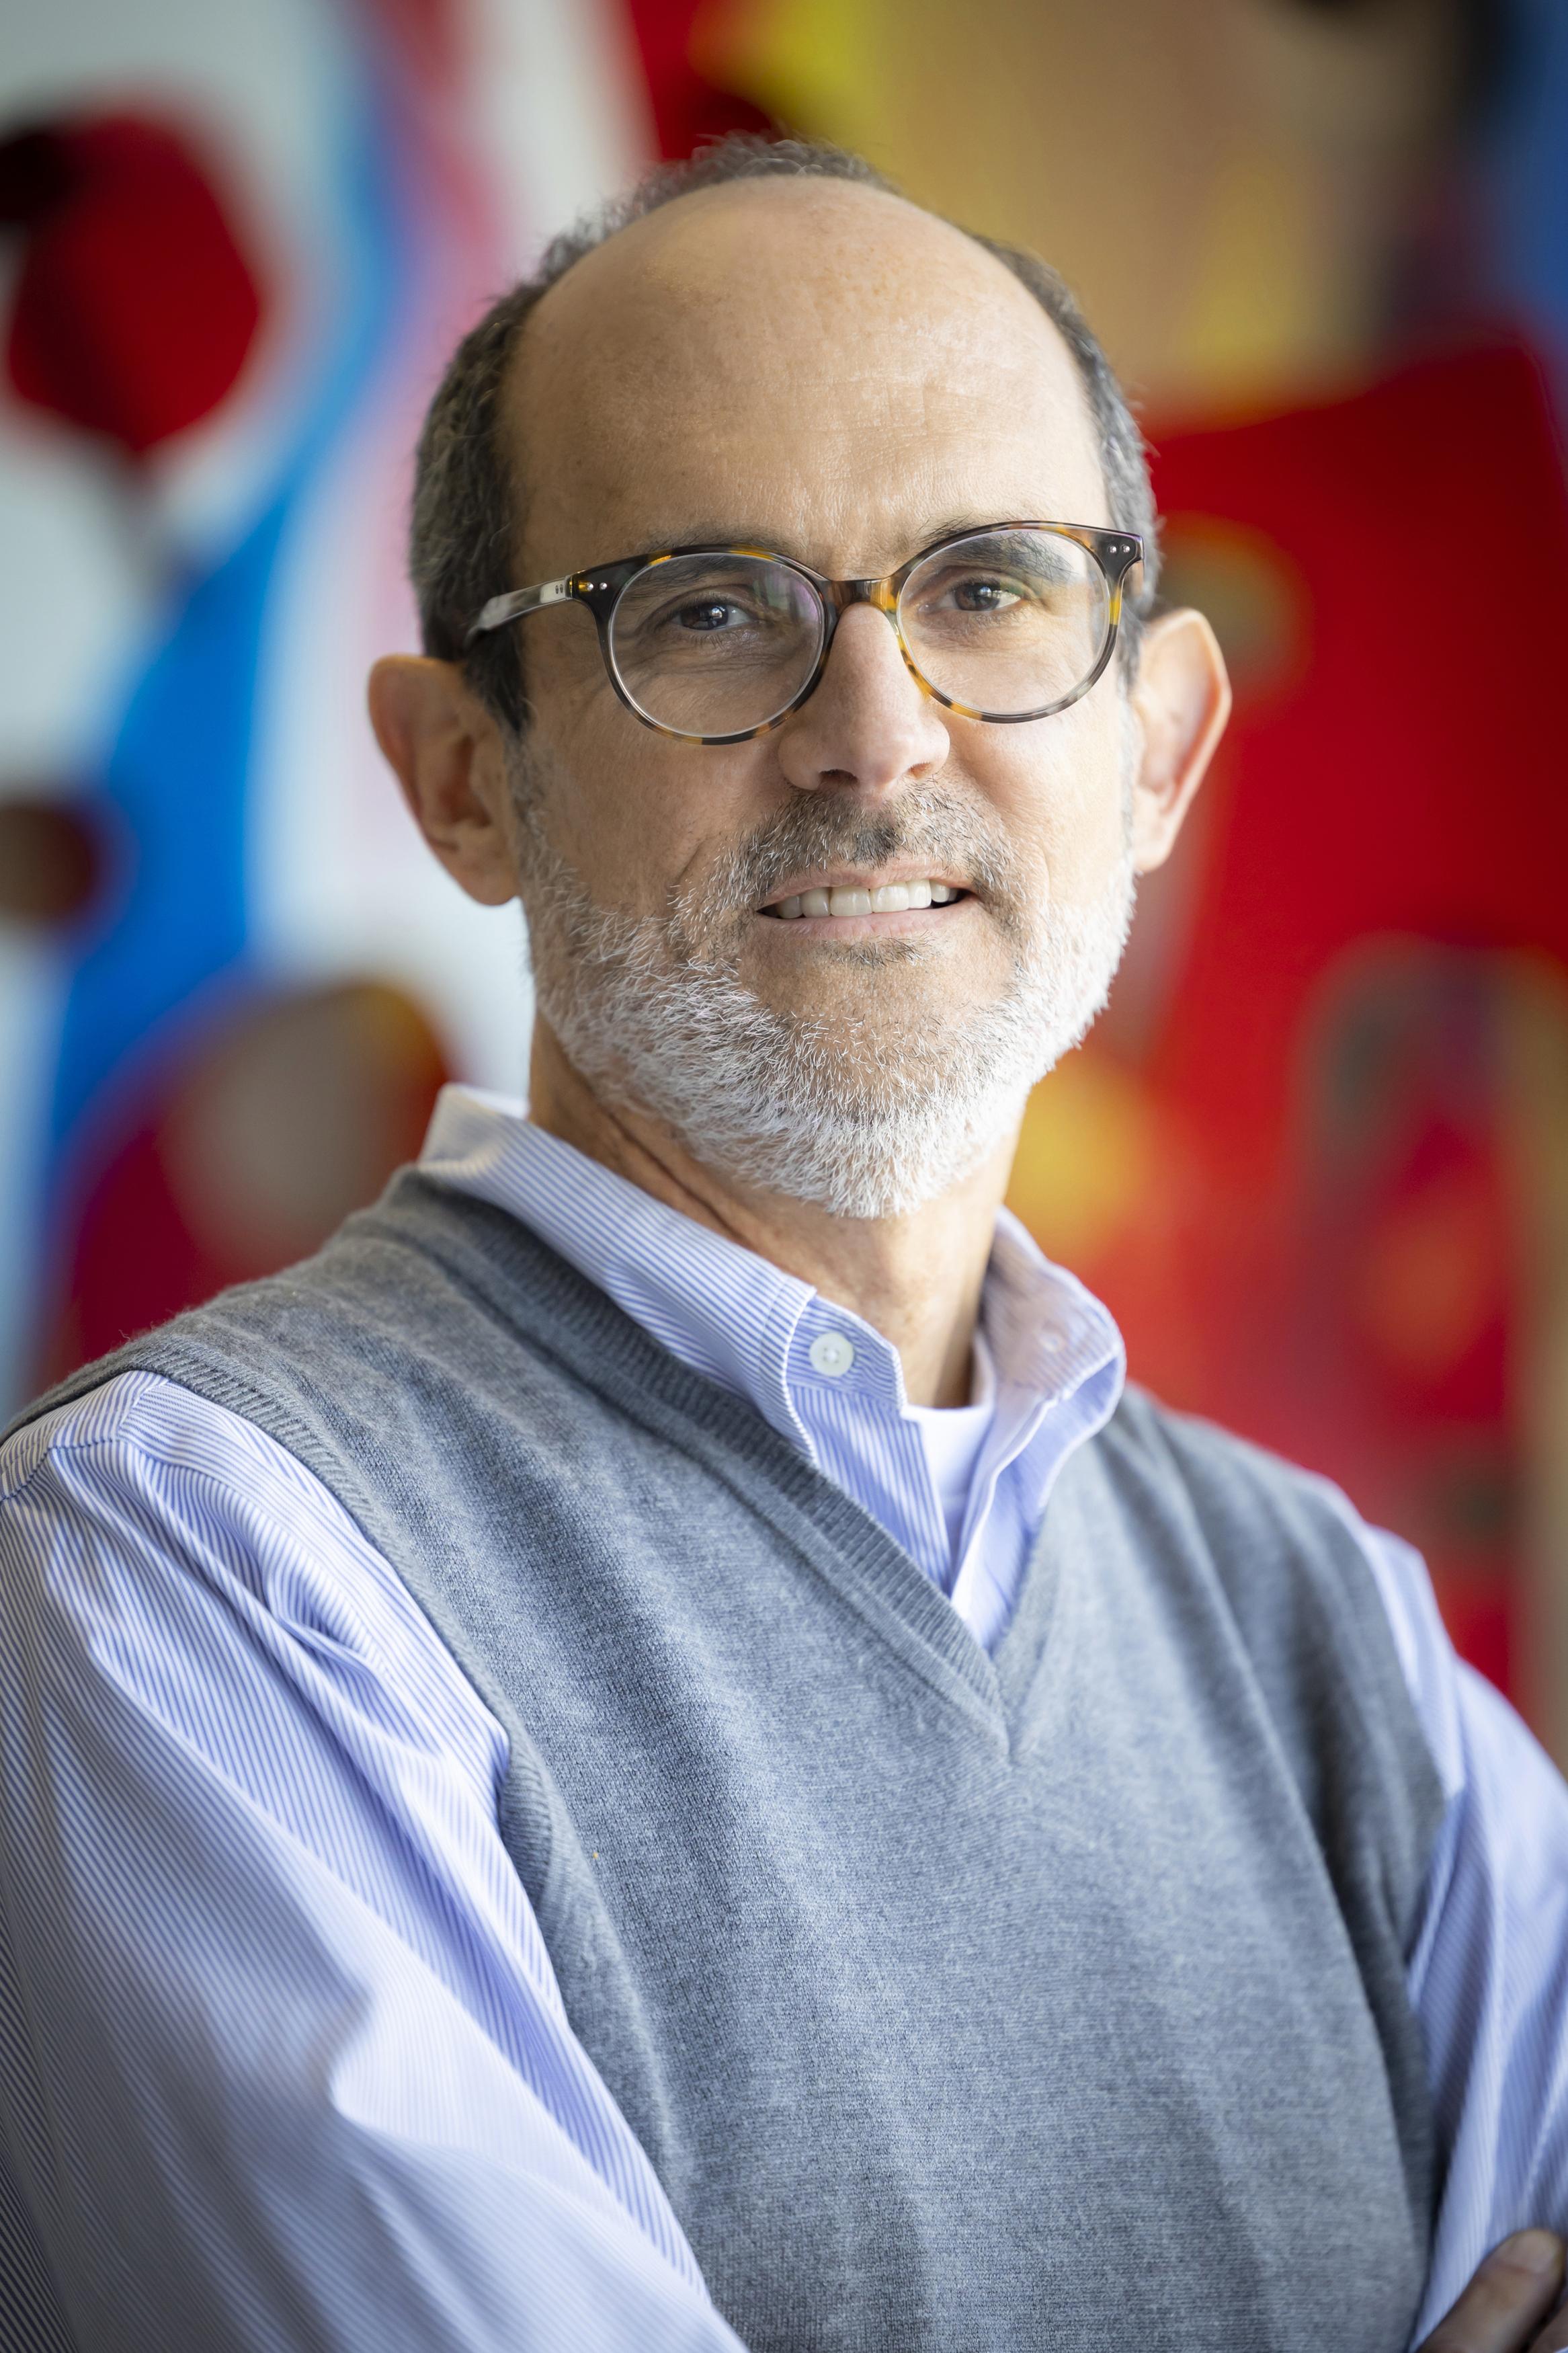 Carlos A. Ball